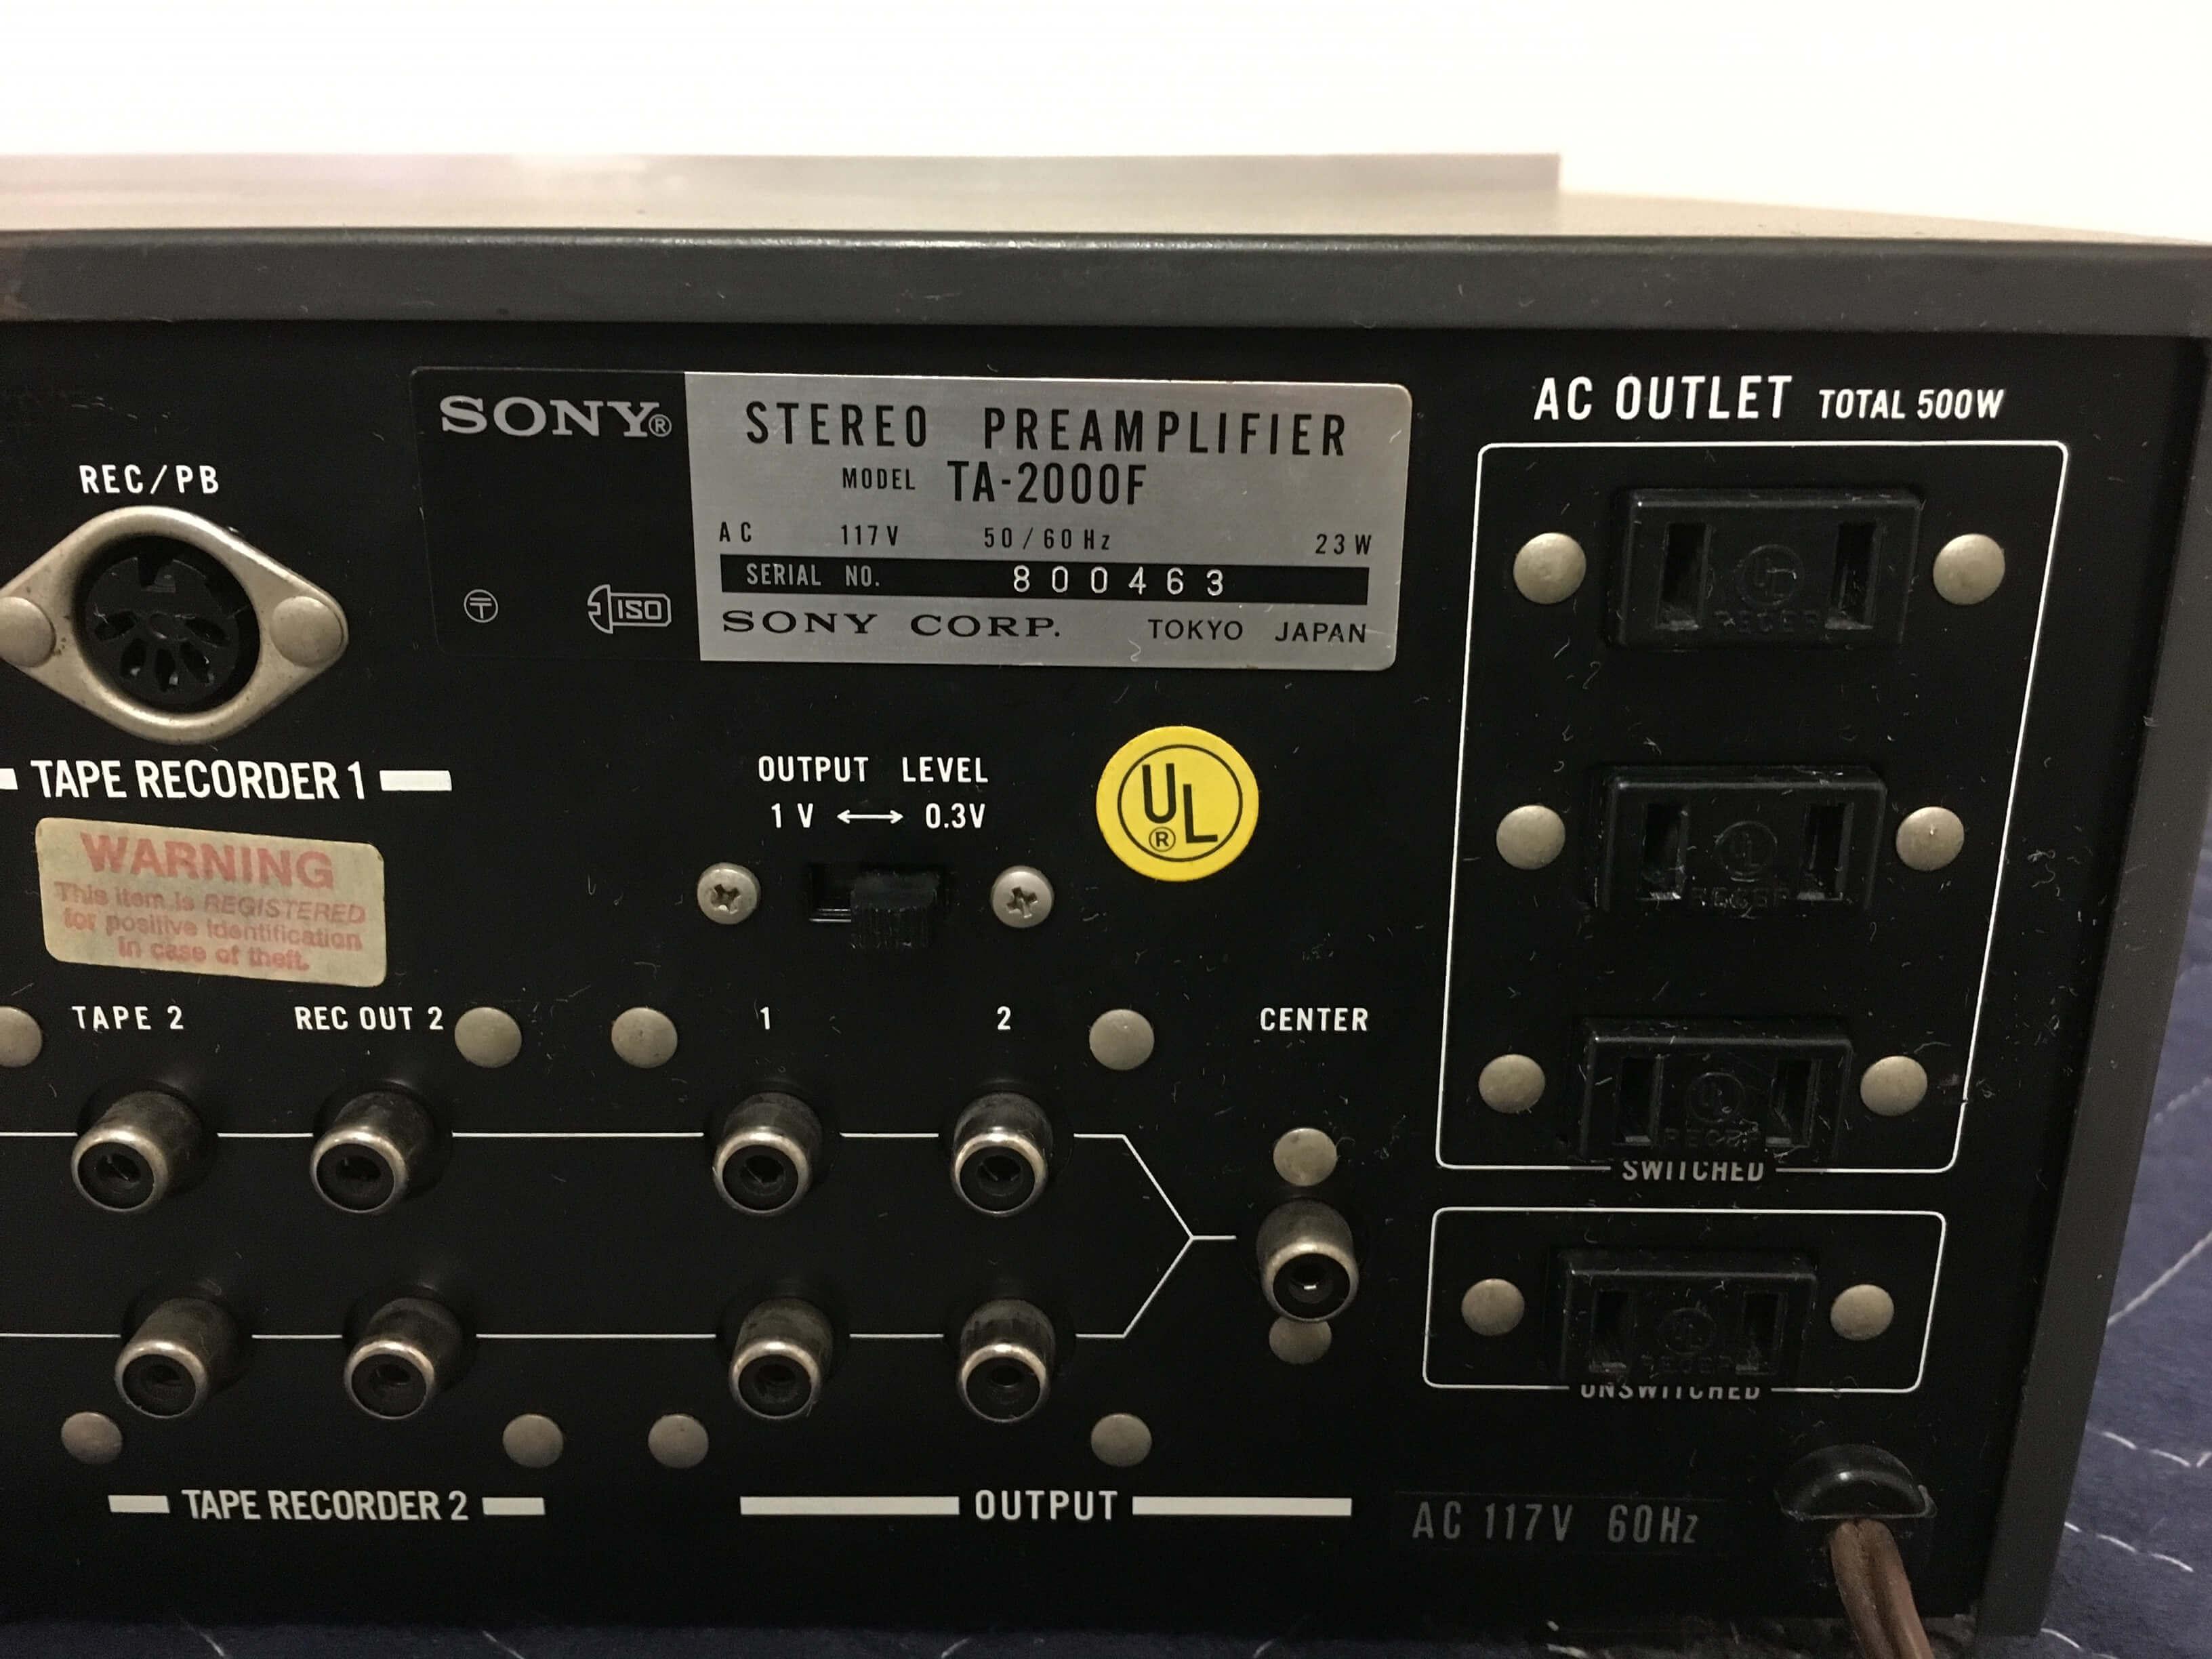 Sony 2000F preamplifier